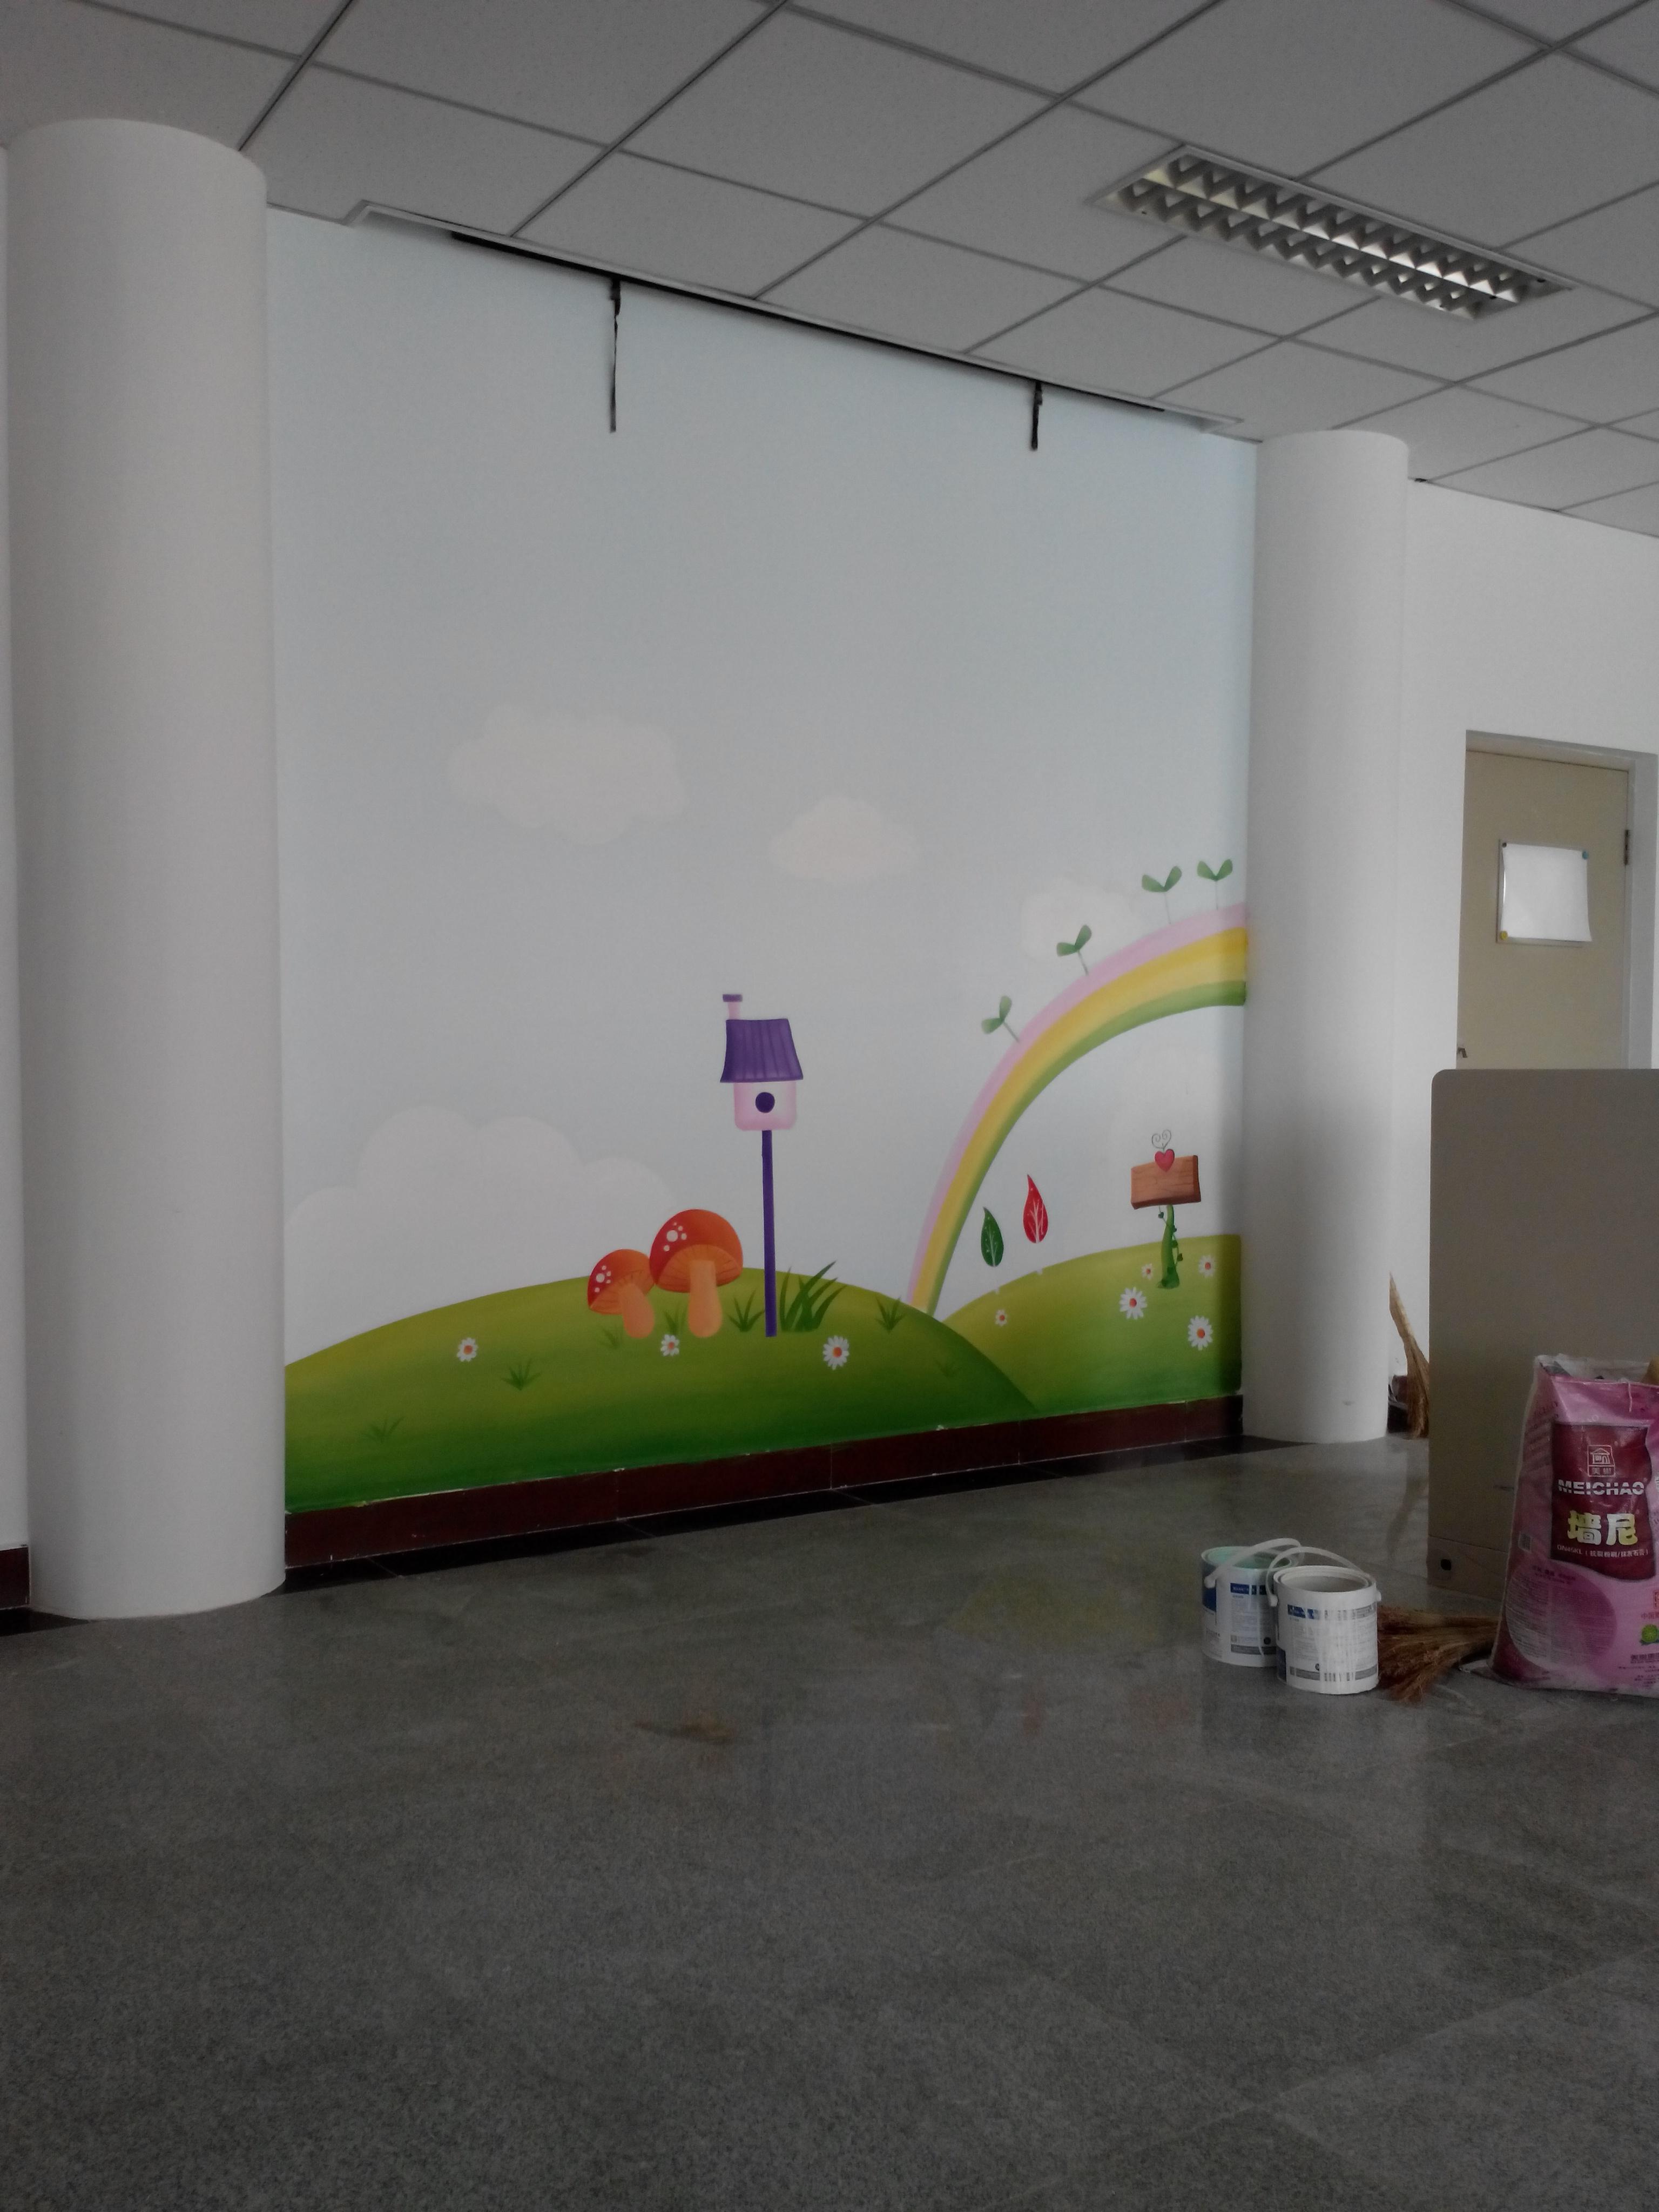 青岛绘美时尚装饰工程有限公司墙绘案例分享4